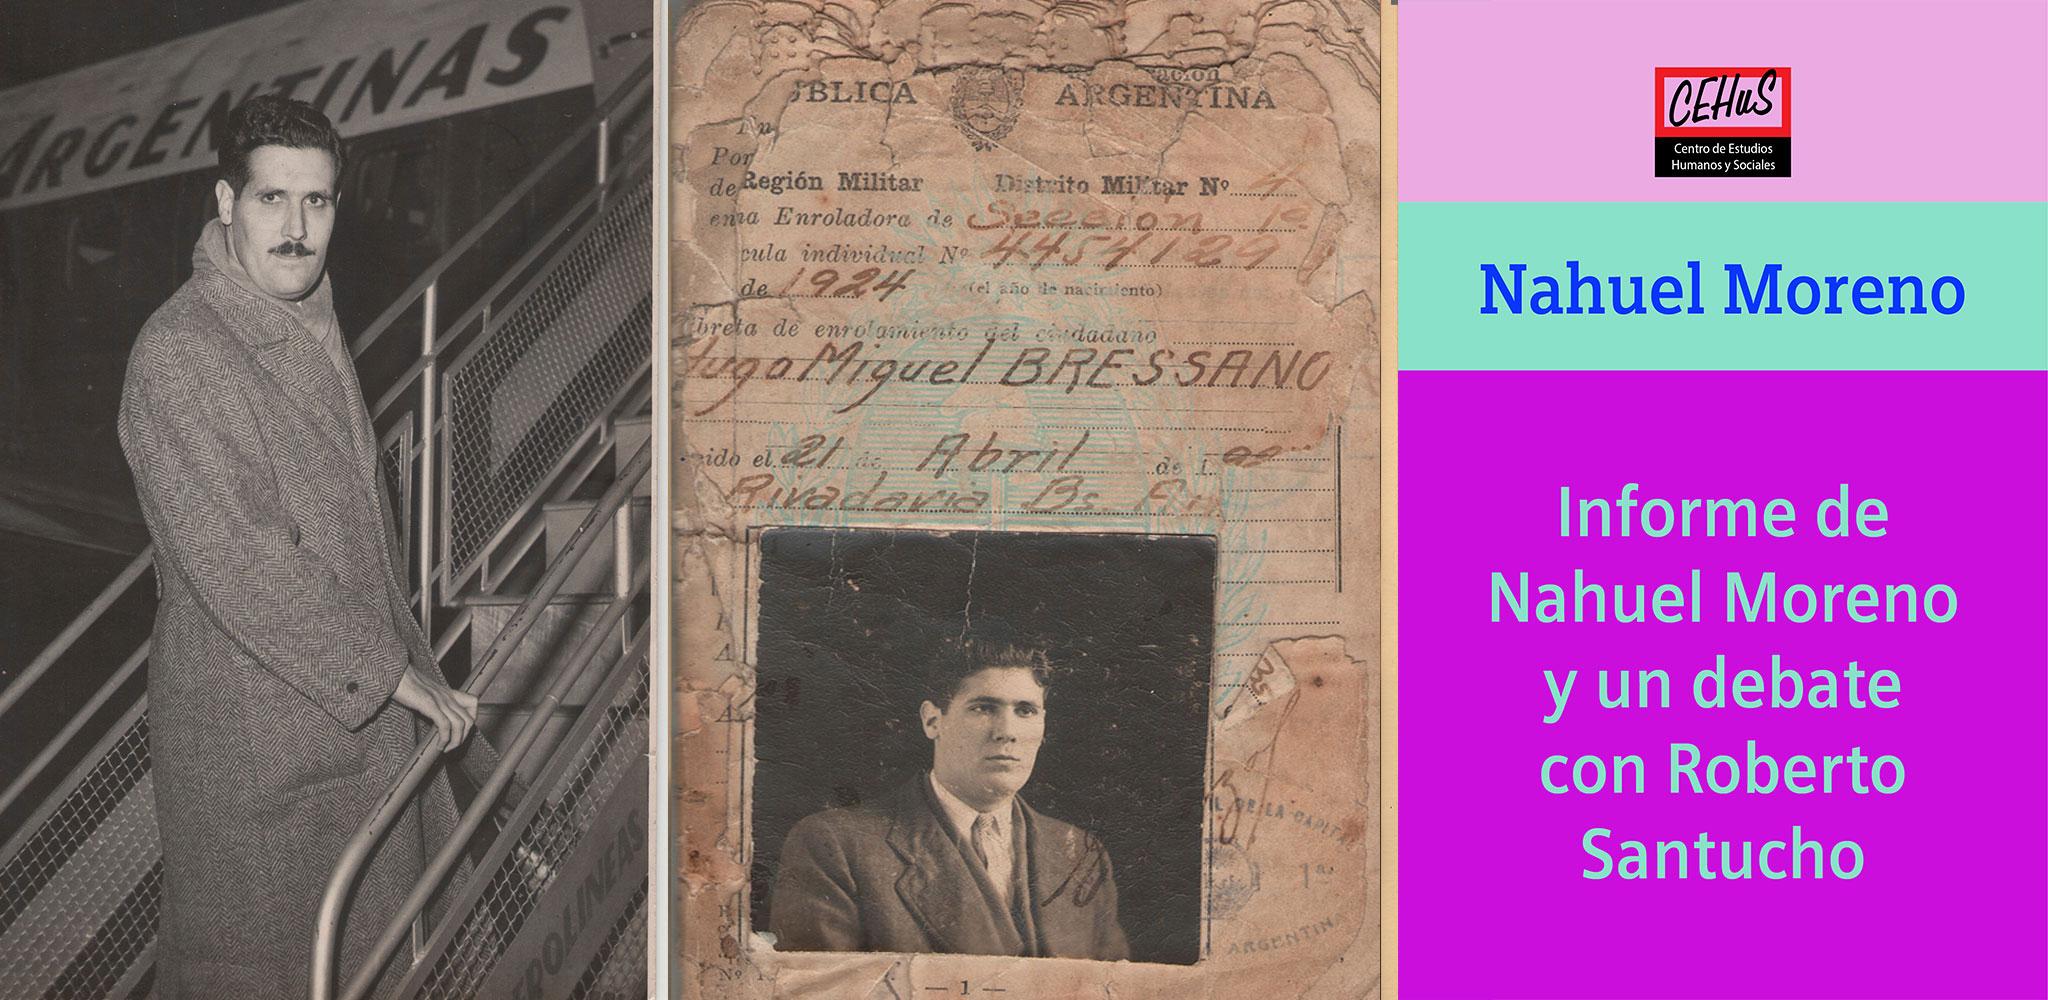 INFORME NACIONAL EN EL CONGRESO DEL PRT Y UN DEBATE CON SANTUCHO (1965)